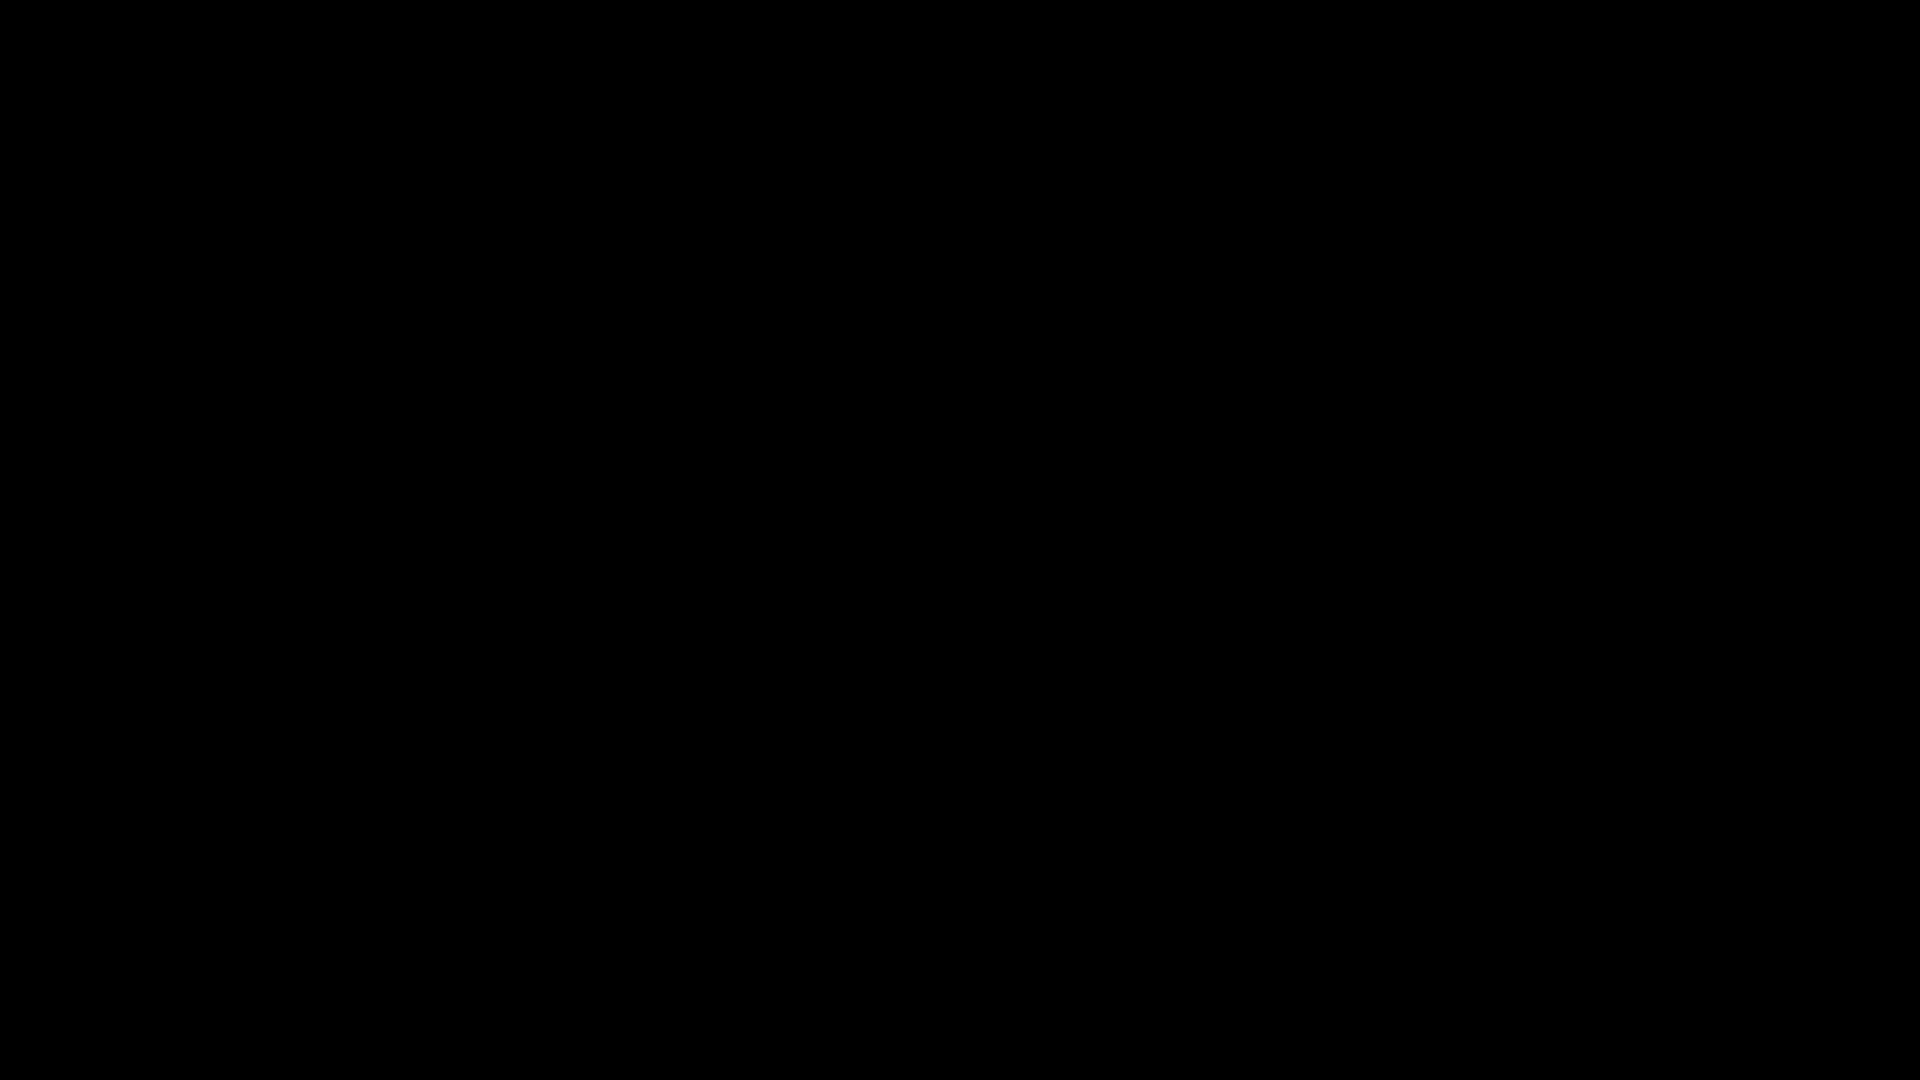 潜入!!韓国秘密のトイレ!Vol.01 盗撮 AV無料動画キャプチャ 97PICs 2